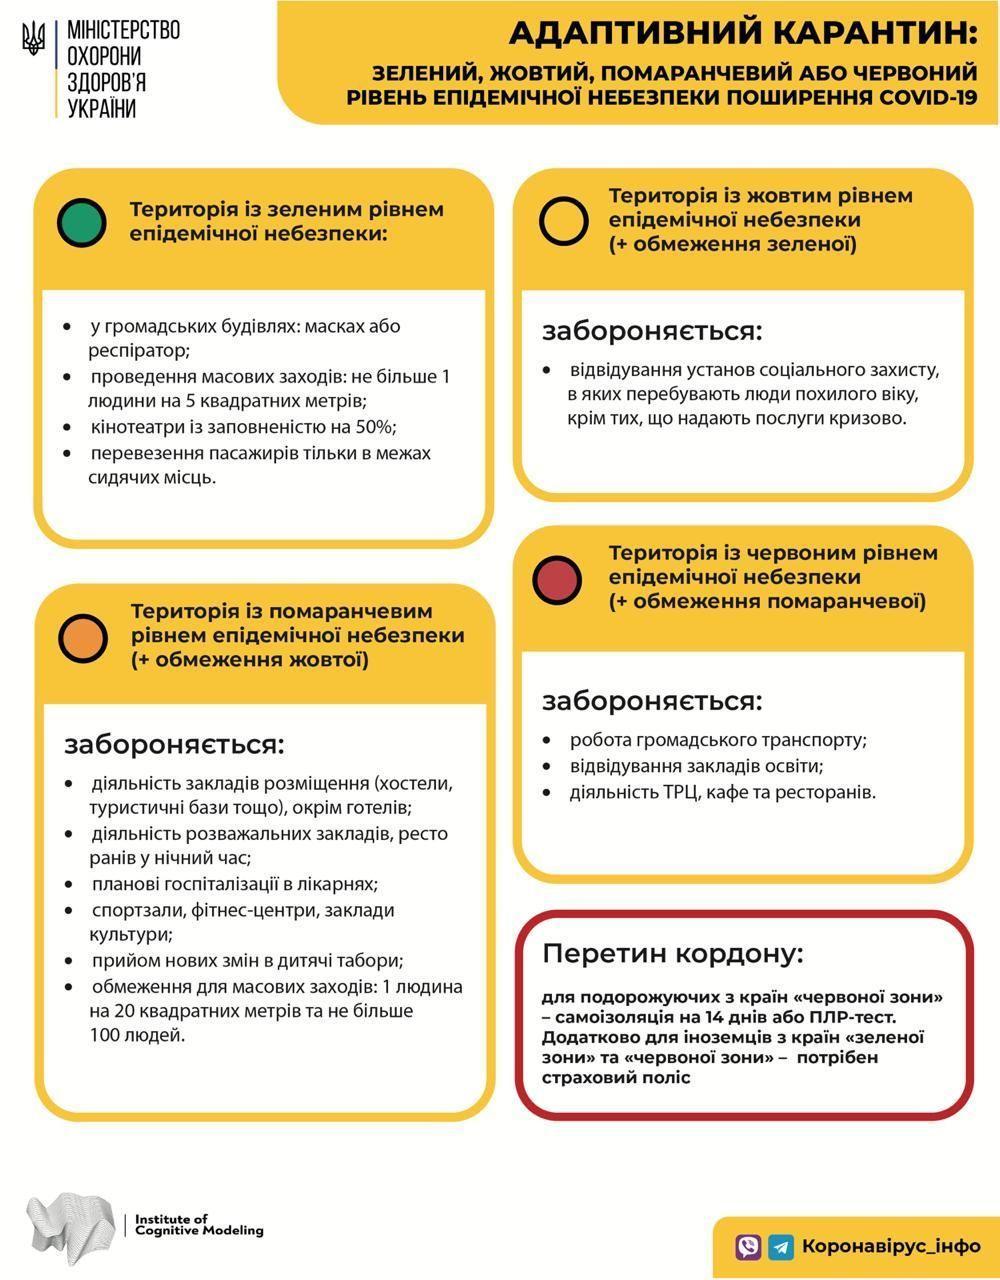 Які обмеження діють в різних зонах адаптивного карантину / Міністерство охорони здоров'я України